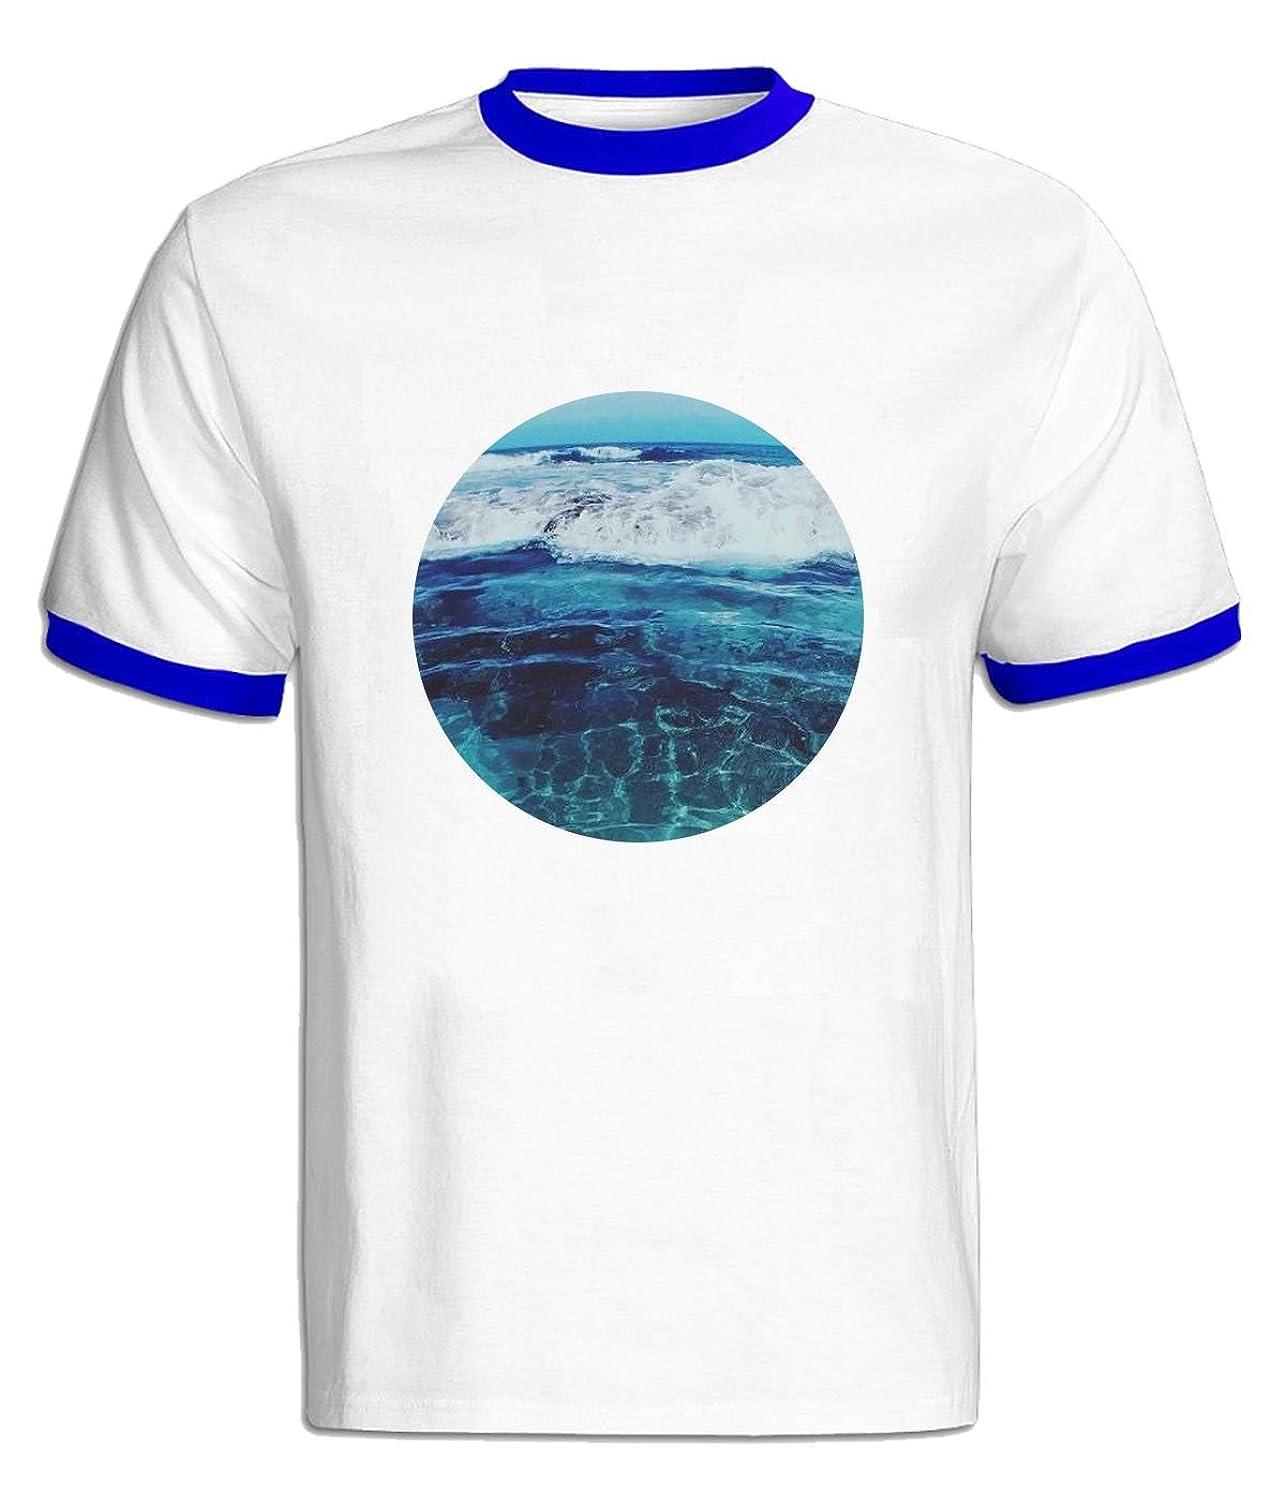 AGHH Ocean Tee Shirts for Man